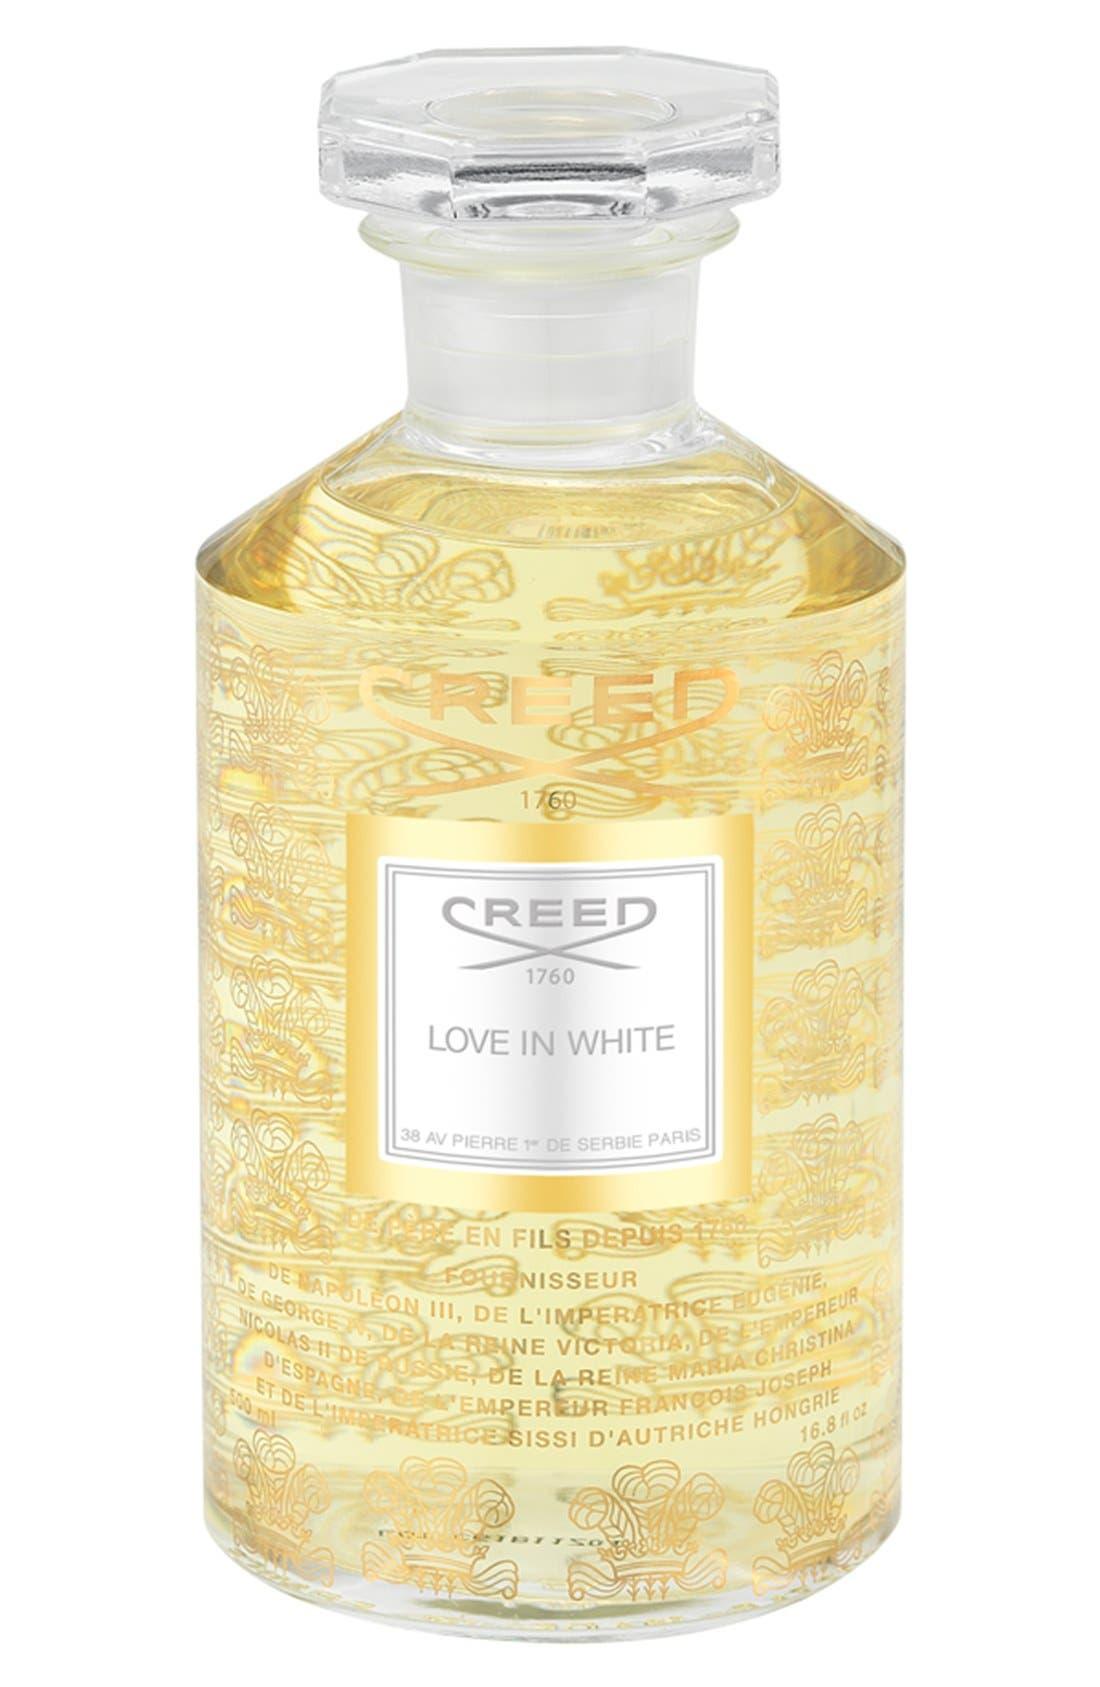 Creed 'Love In White' Fragrance (8.4 oz.)